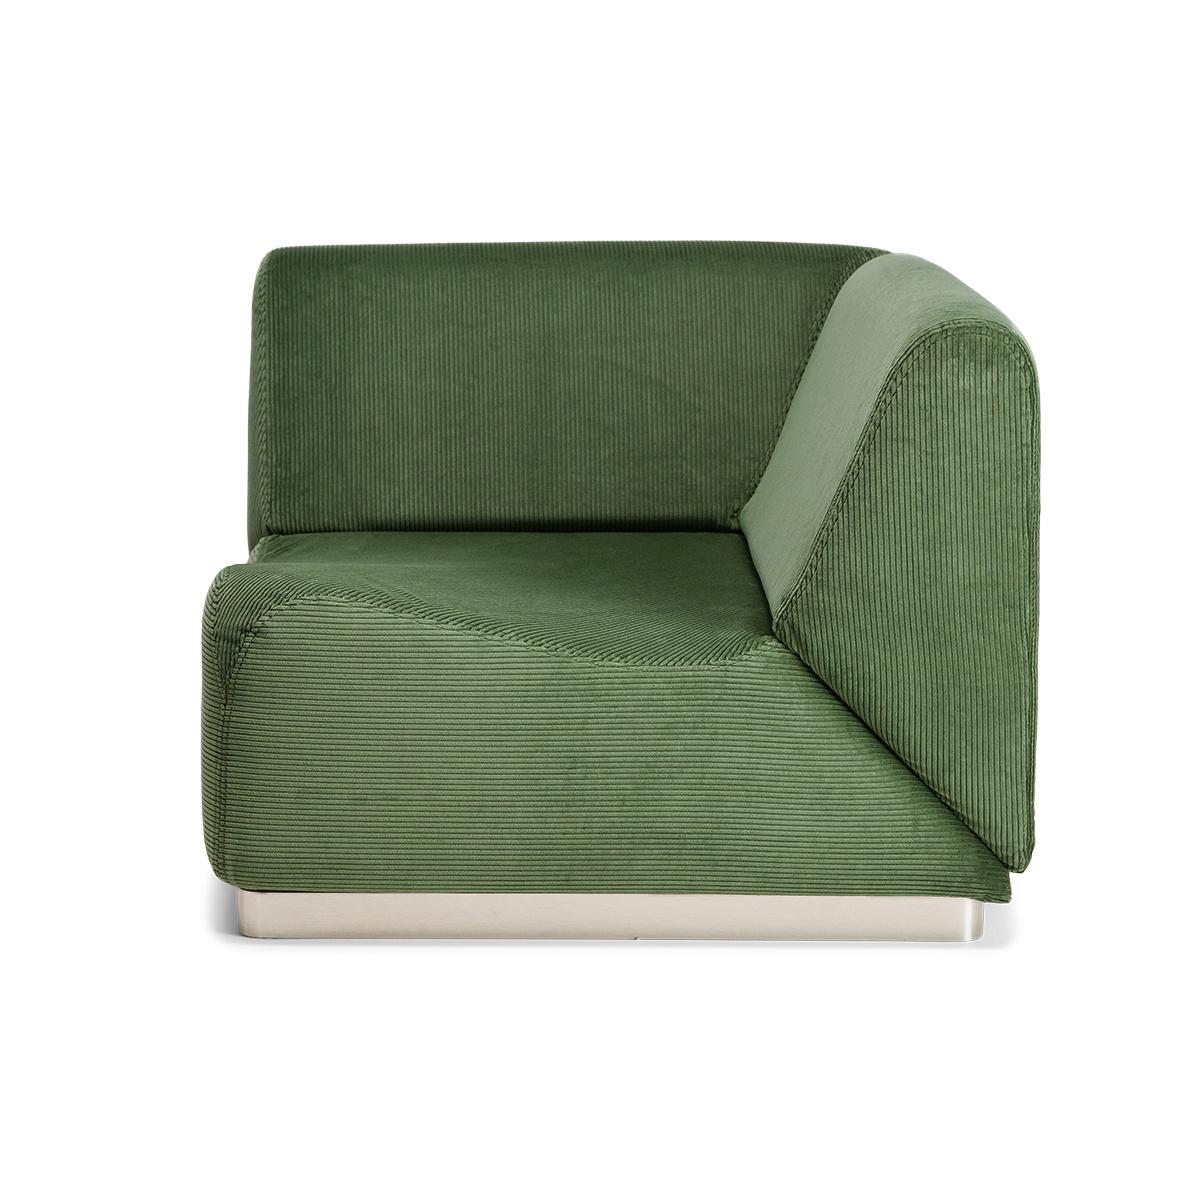 Module d'angle Rotondo velours côtelé vert amande